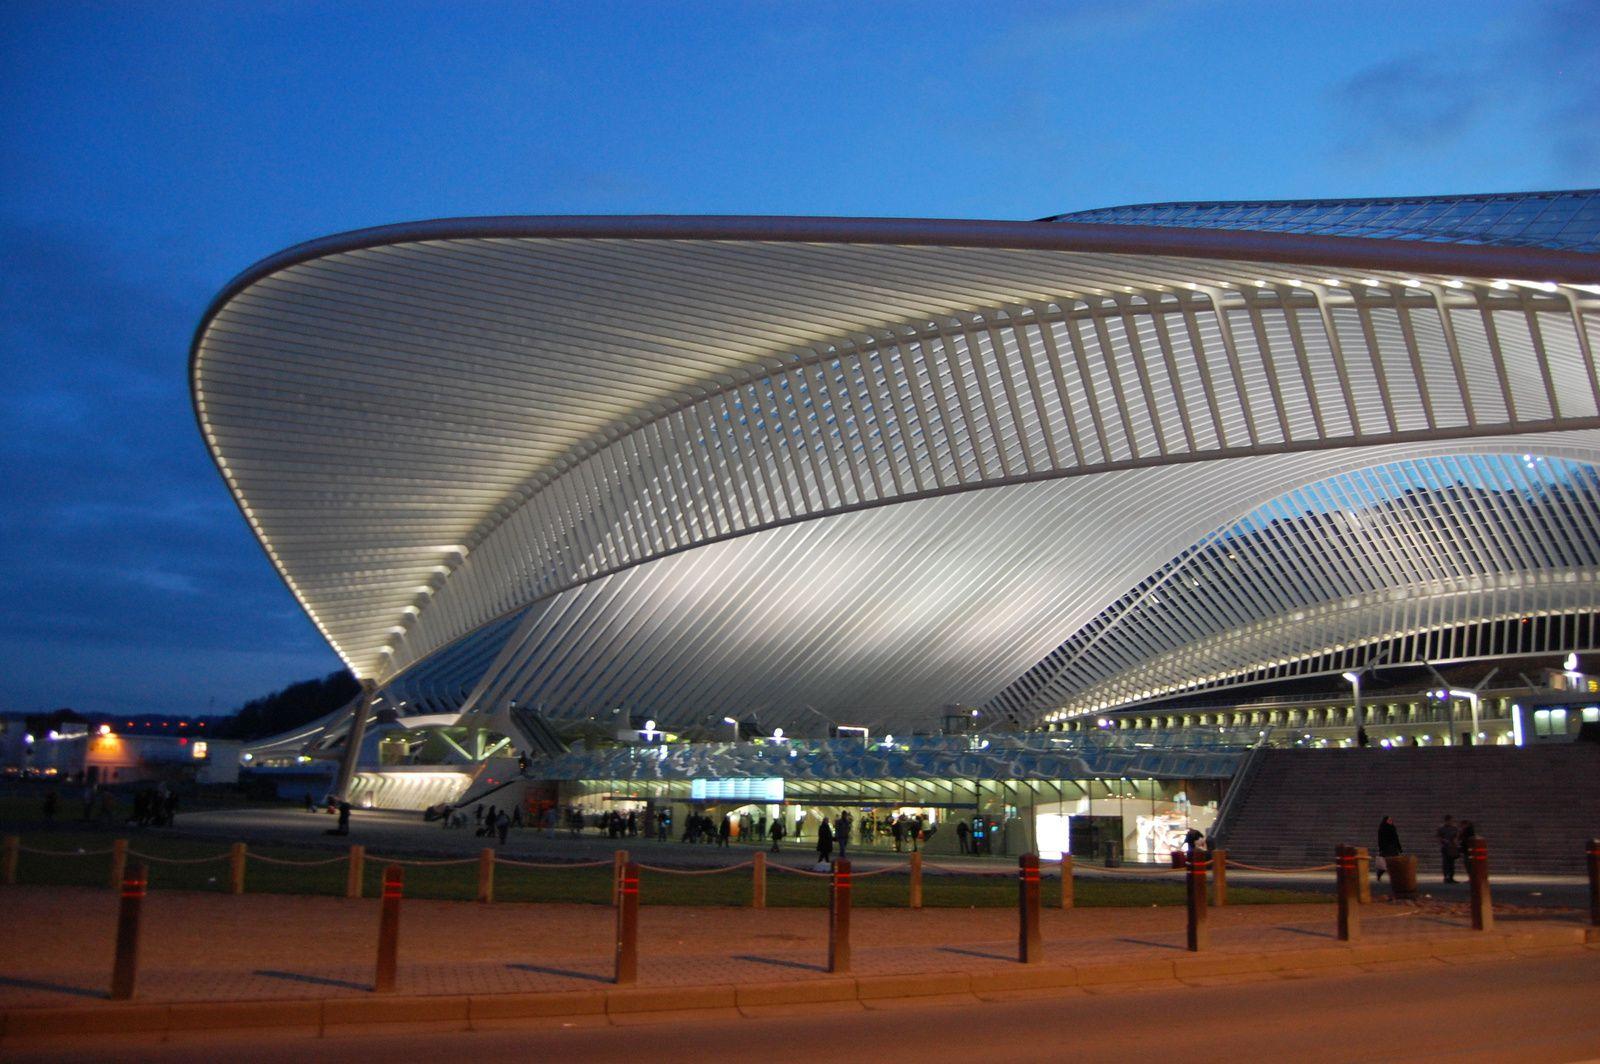 La gare de Liège Guillemins : architecte Calatrava